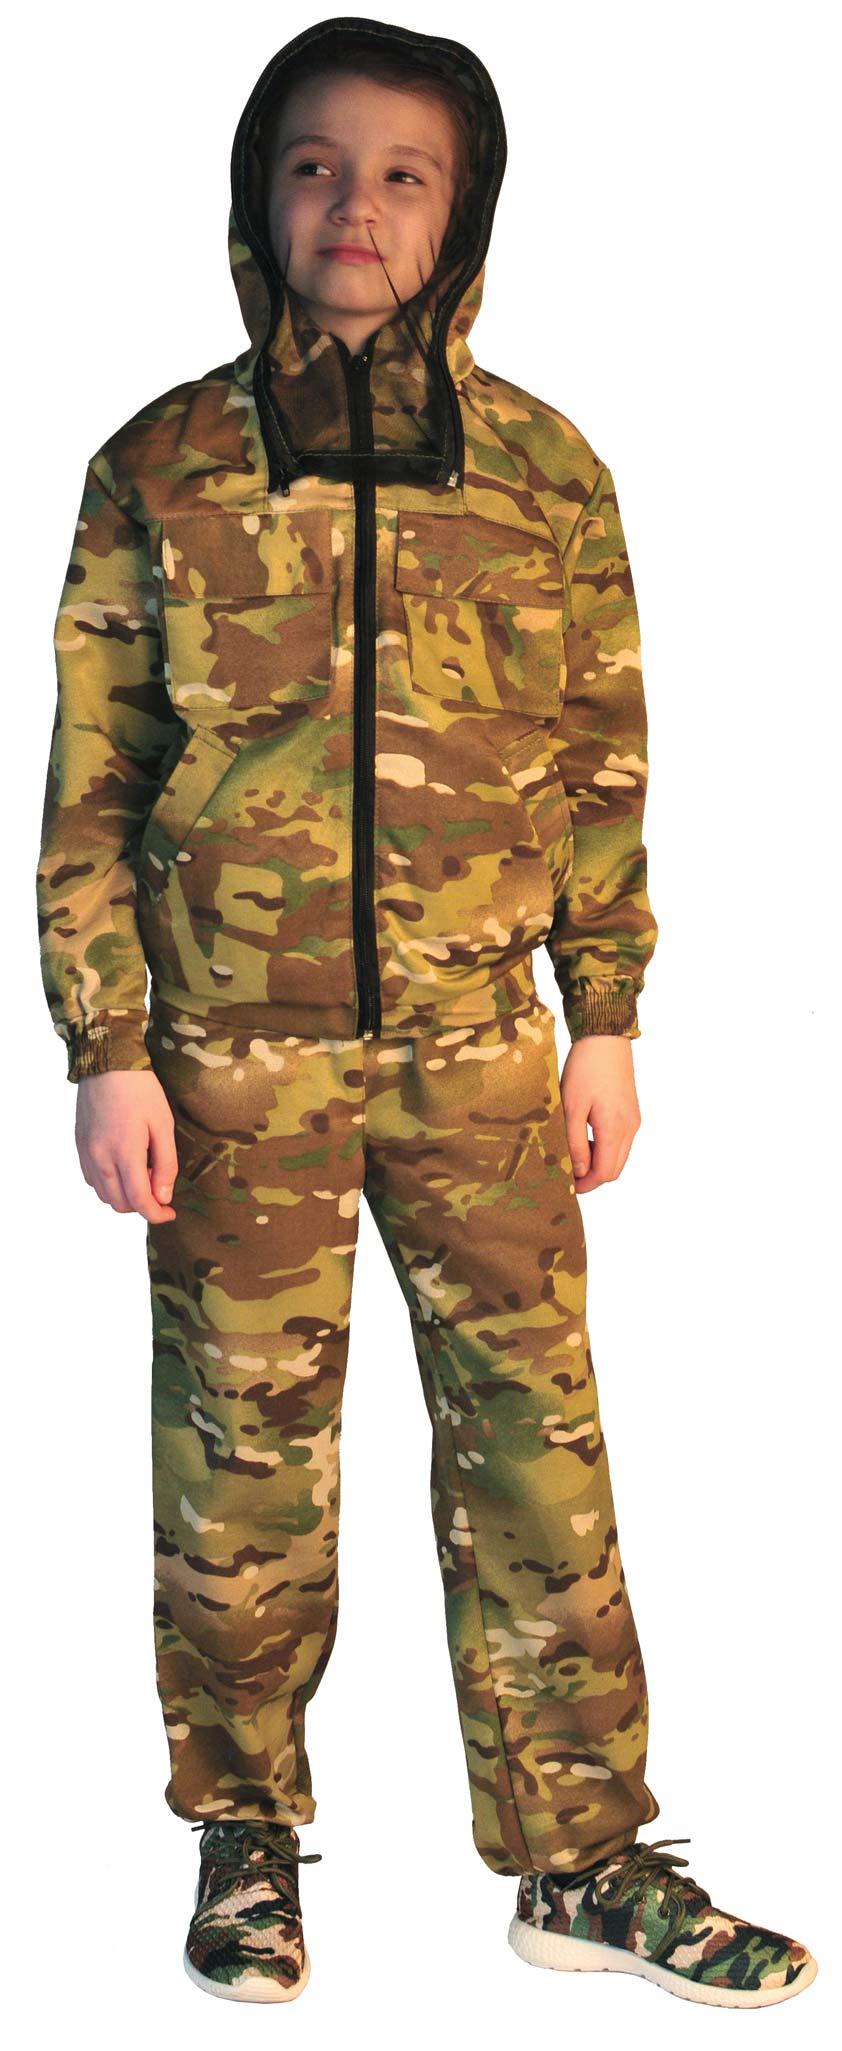 Костюм детский МиниТурист-Антимоскит (Маскхалат), камуфляж, ткань грета Мультикам, Халаты - арт. 1019920233